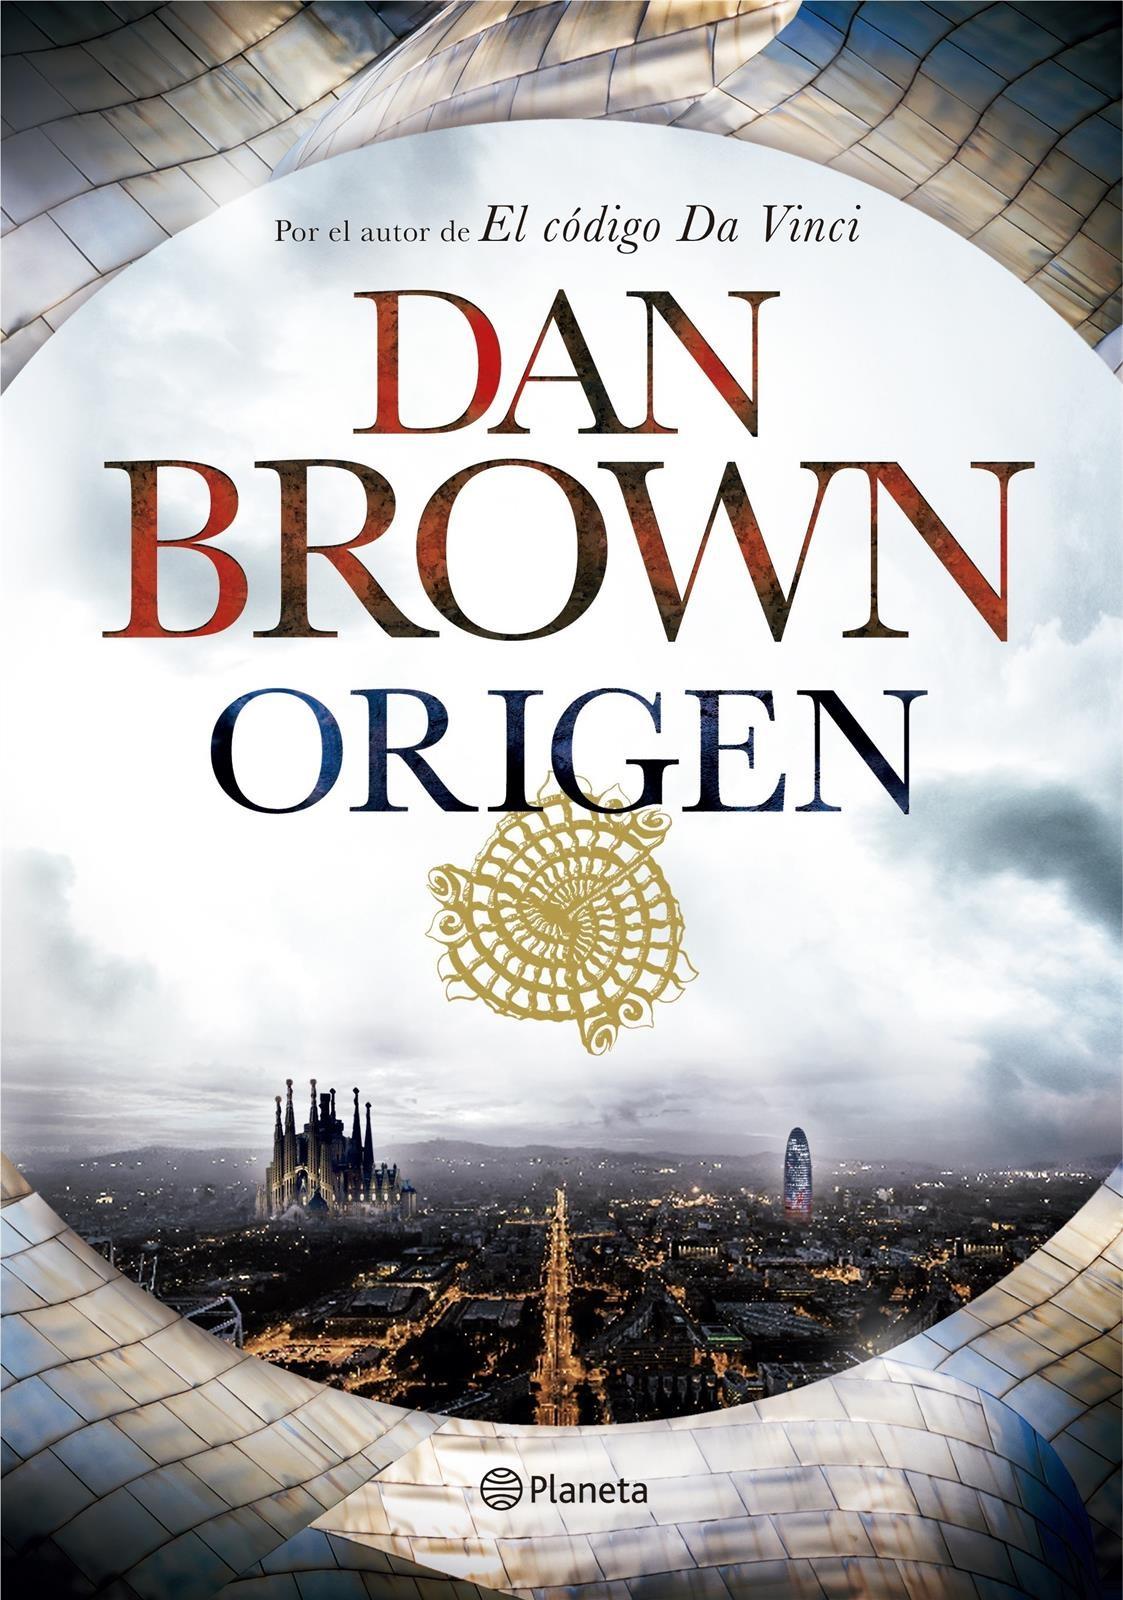 Dan Brown llevaba unos años en busca de desarrollar uno de sus trabajos en España